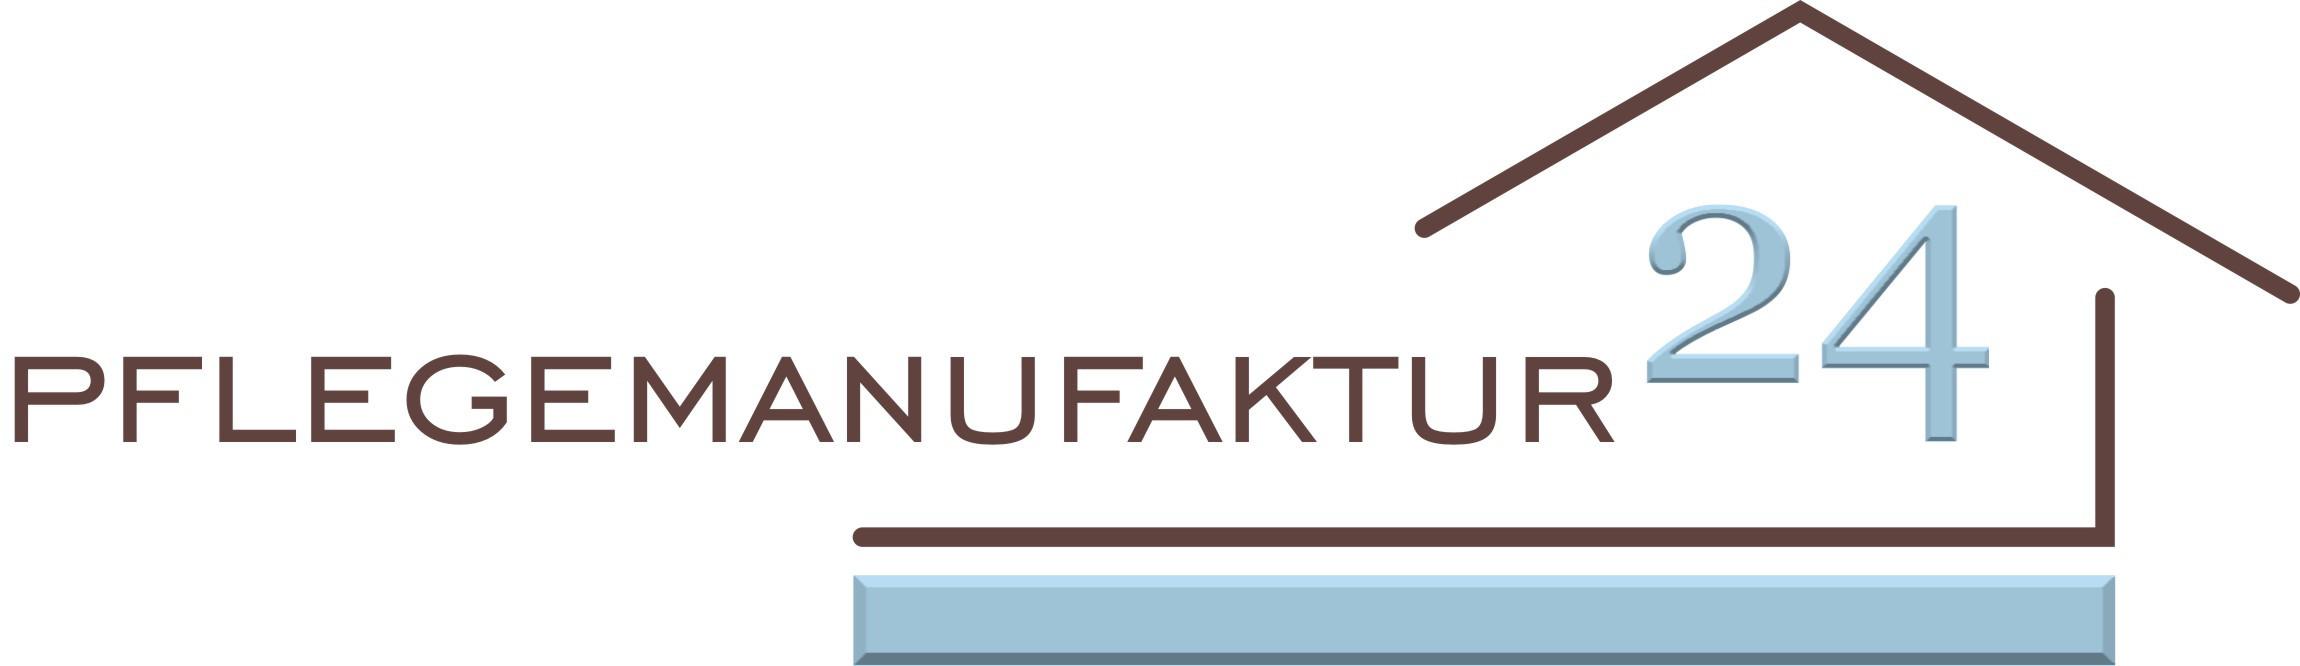 Logo Pflegemanufaktur24